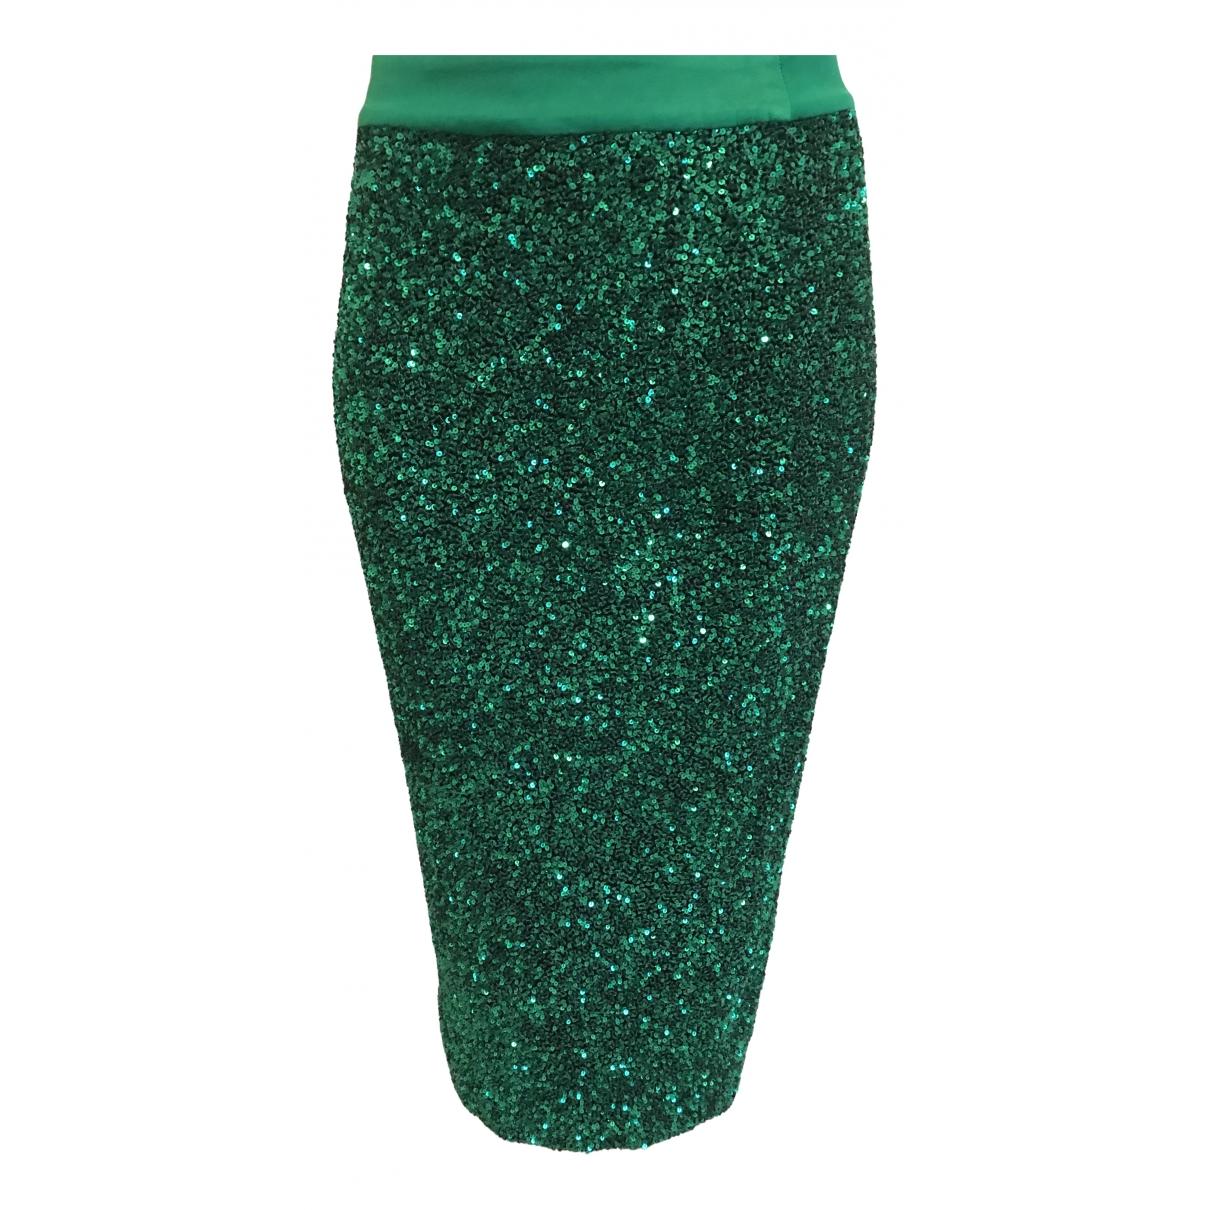 Manish Arora \N Green Glitter skirt for Women 38 FR